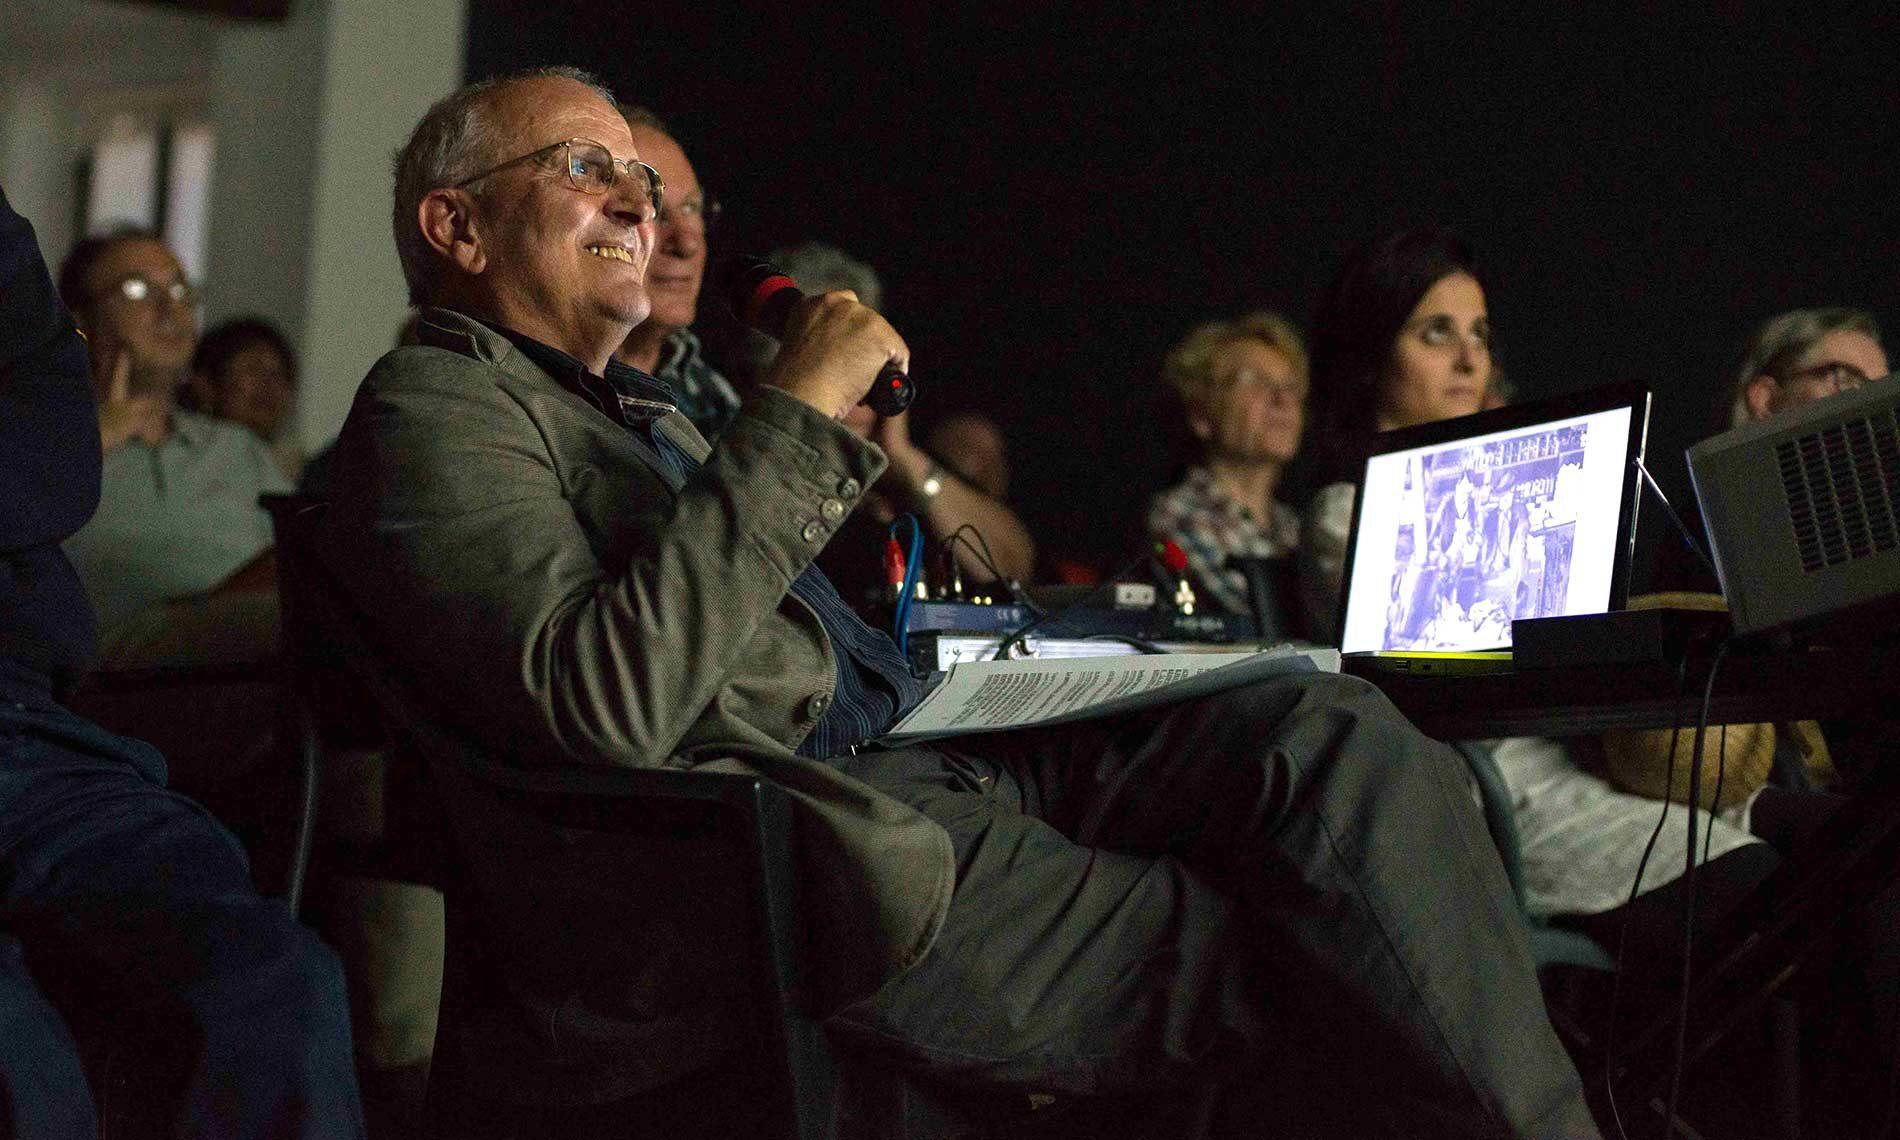 Il critico Bruno Fornara, sezione Sempreverde